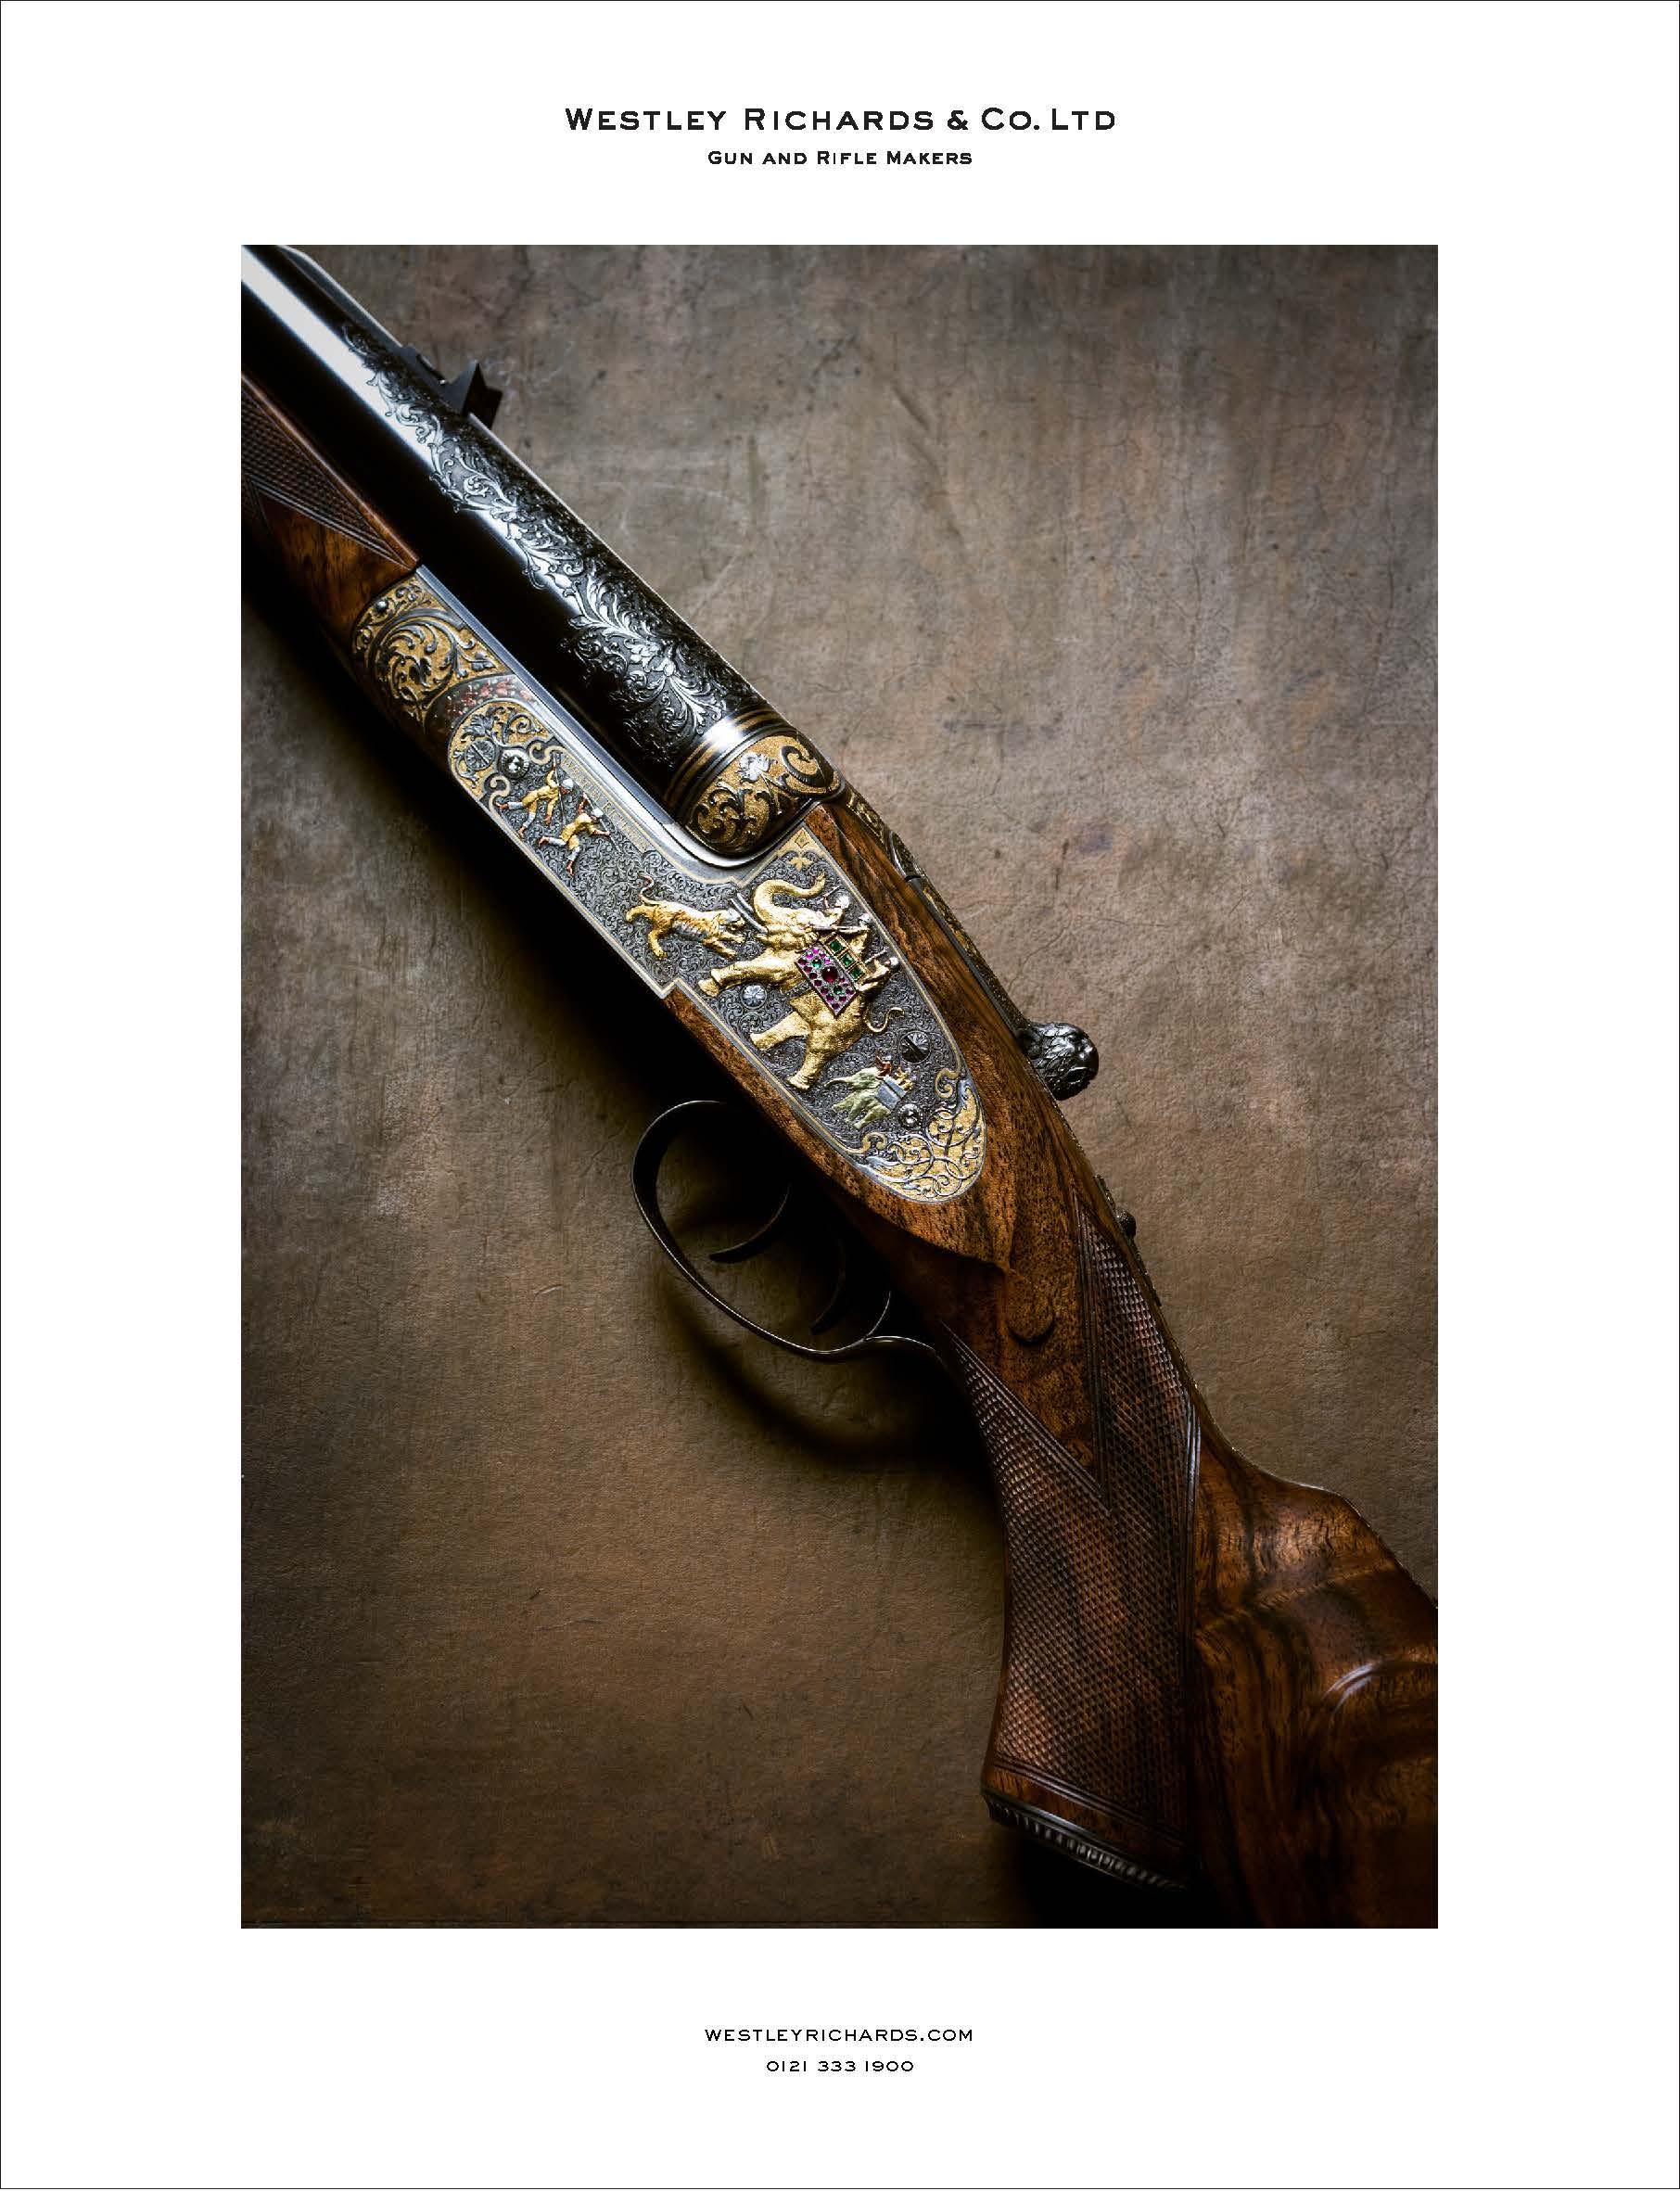 India Rifle